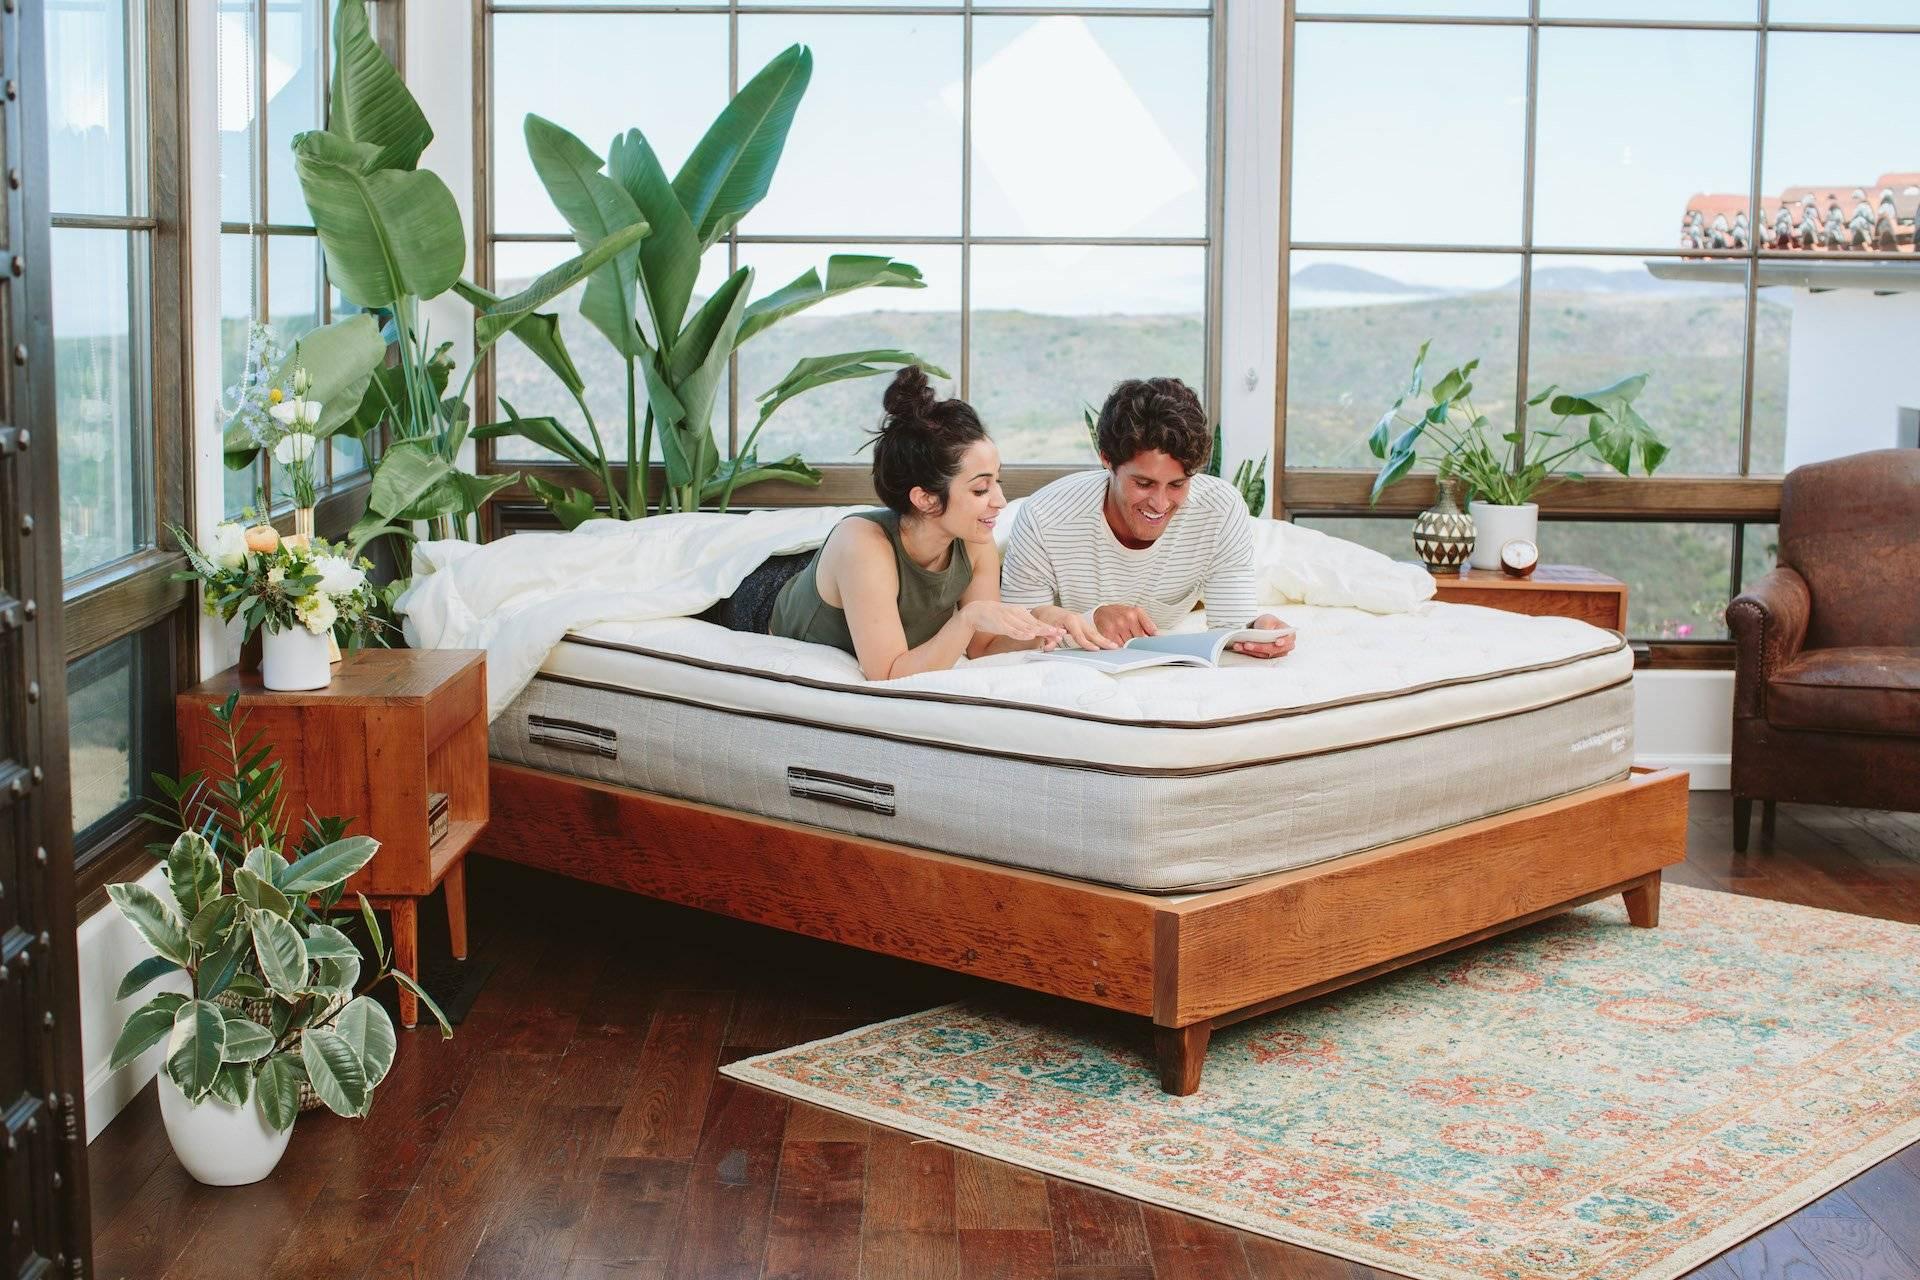 Nest Latex Hybrid lifestyle image